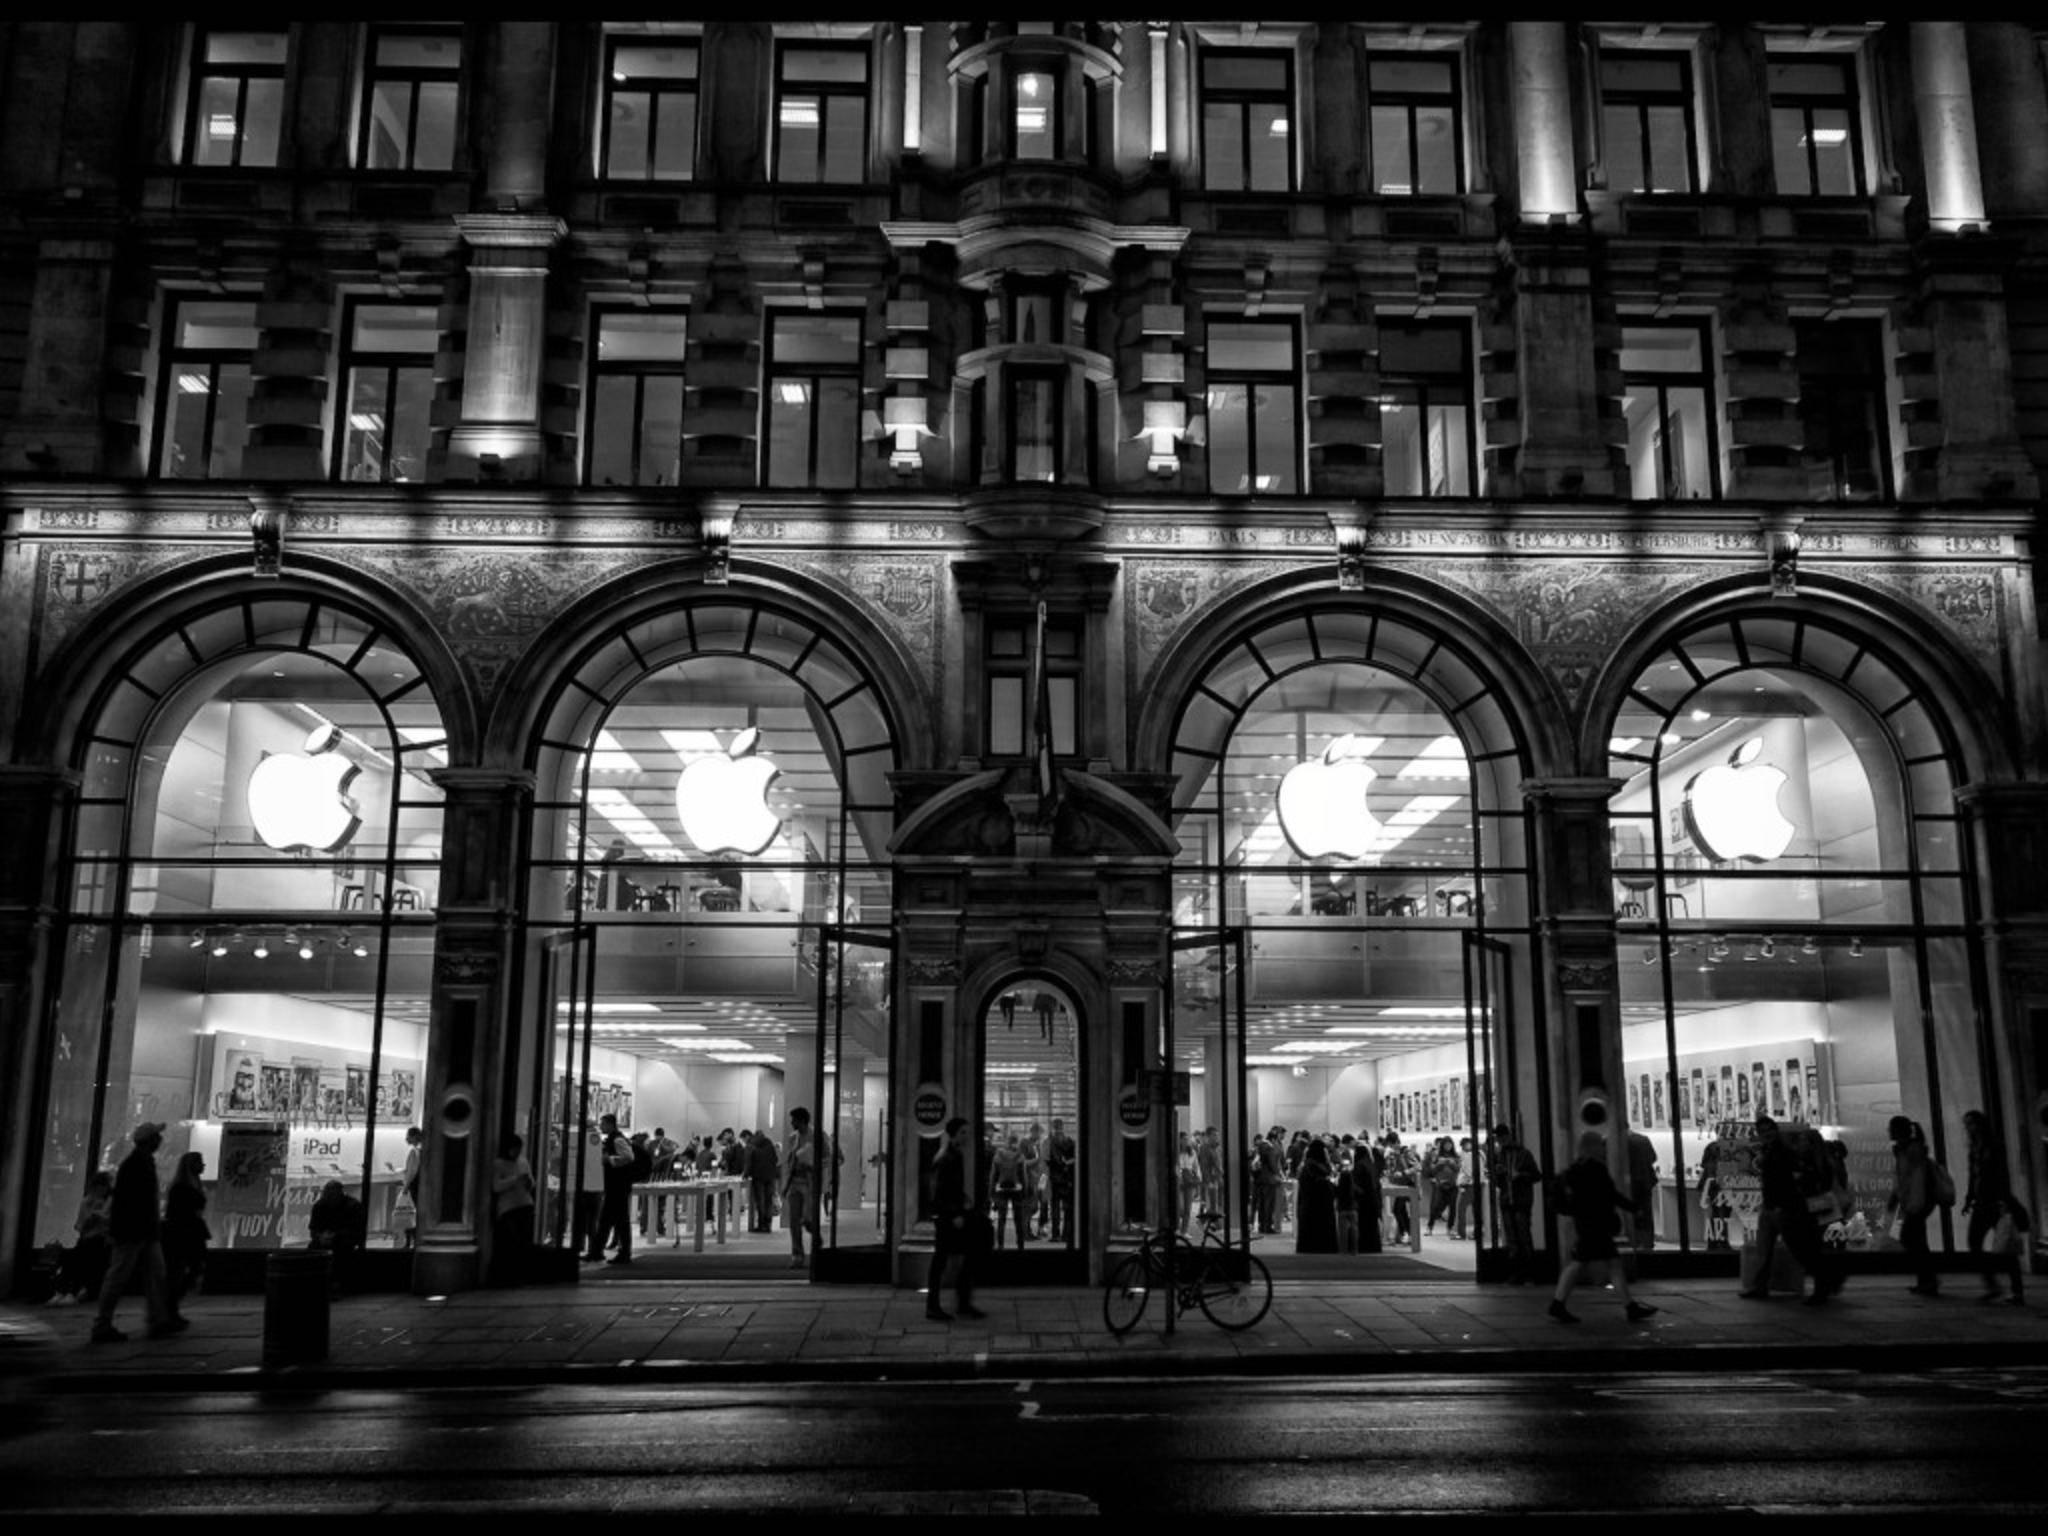 Apple Store in London